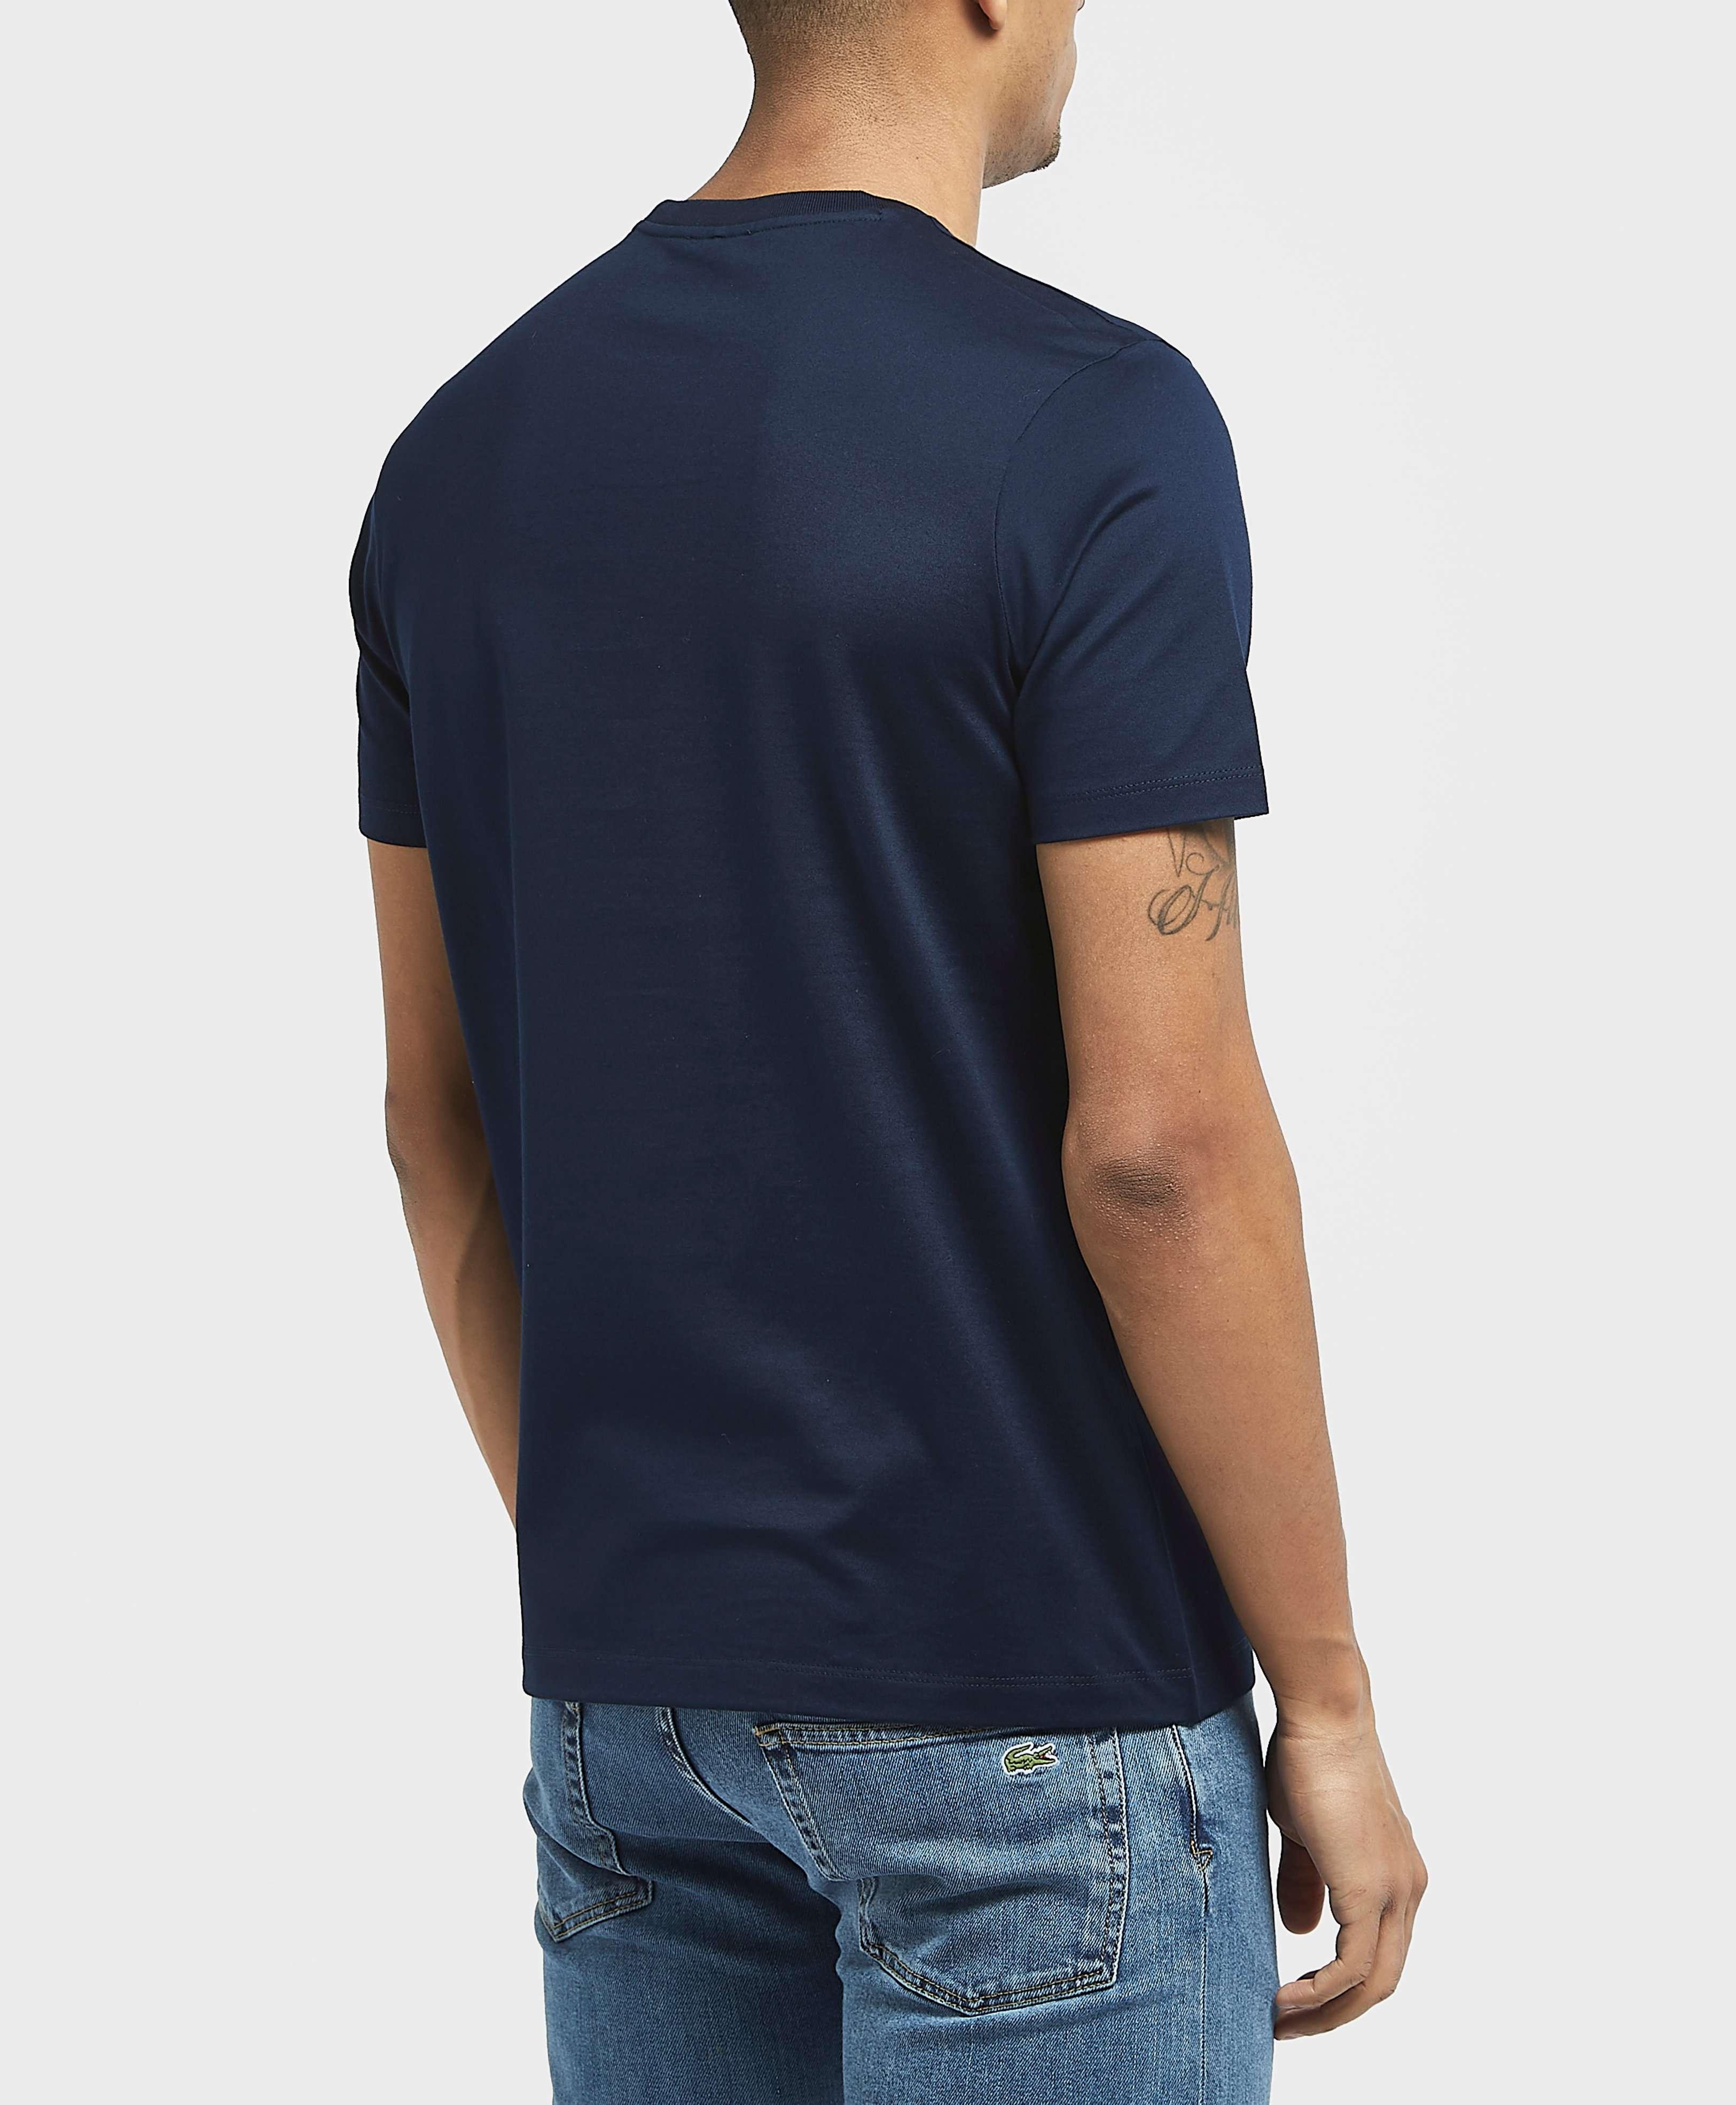 Paul and Shark Short Sleeve Ringer T-Shirt